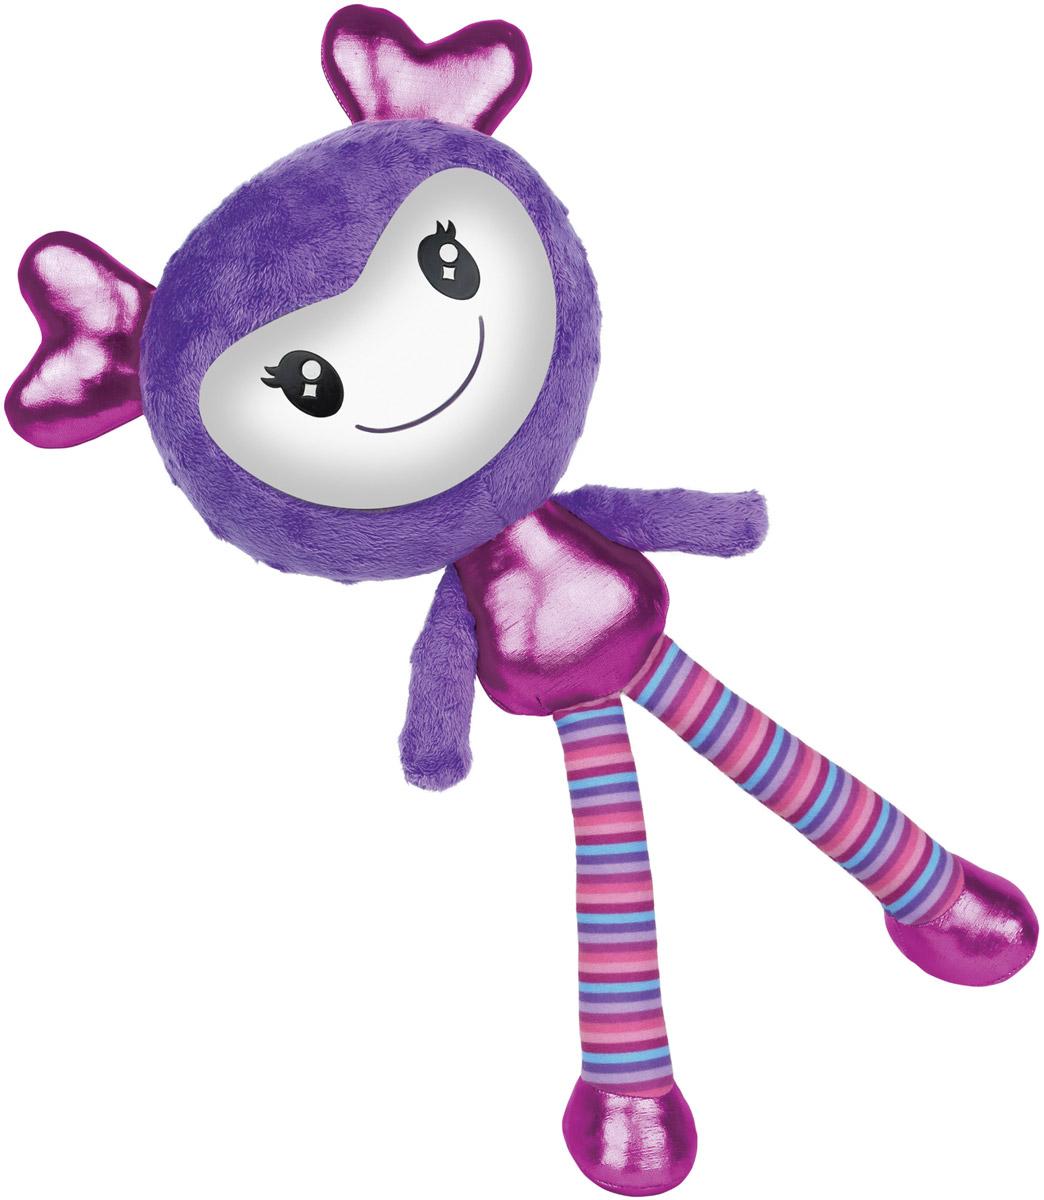 Brightlings Интерактивная игрушка цвет сиреневый52300_сиреневыйИнтерактивная игрушка Brightlings создана специально для девочек, она выглядит очень ярко, красочно и необычно. У игрушки 3 режима игры: разговор, повторение, музыка. Она умеет произносить более 100 фраз! Реагирует на действия: так, например, если погладить игрушку по спине, она скажет, что это очень мило. А если потрясти ее - выразит недовольство и попросит прекратить. Таким образом, игрушка сможет стать для девочки самой настоящей, верной подружкой! В режиме музыки игрушка проигрывает мелодии в различных стилях (опера, поп, рок-н-ролл, джаз, йодль, битбокс и другие). Меняя положение игрушки, ребенок переключает мелодии - таким образом, девочка сможет почувствовать себя самым настоящим ди-джеем! Рекомендуется докупить 3 батарейки напряжением 1,5V типа ААA (товар комплектуется демонстрационными).